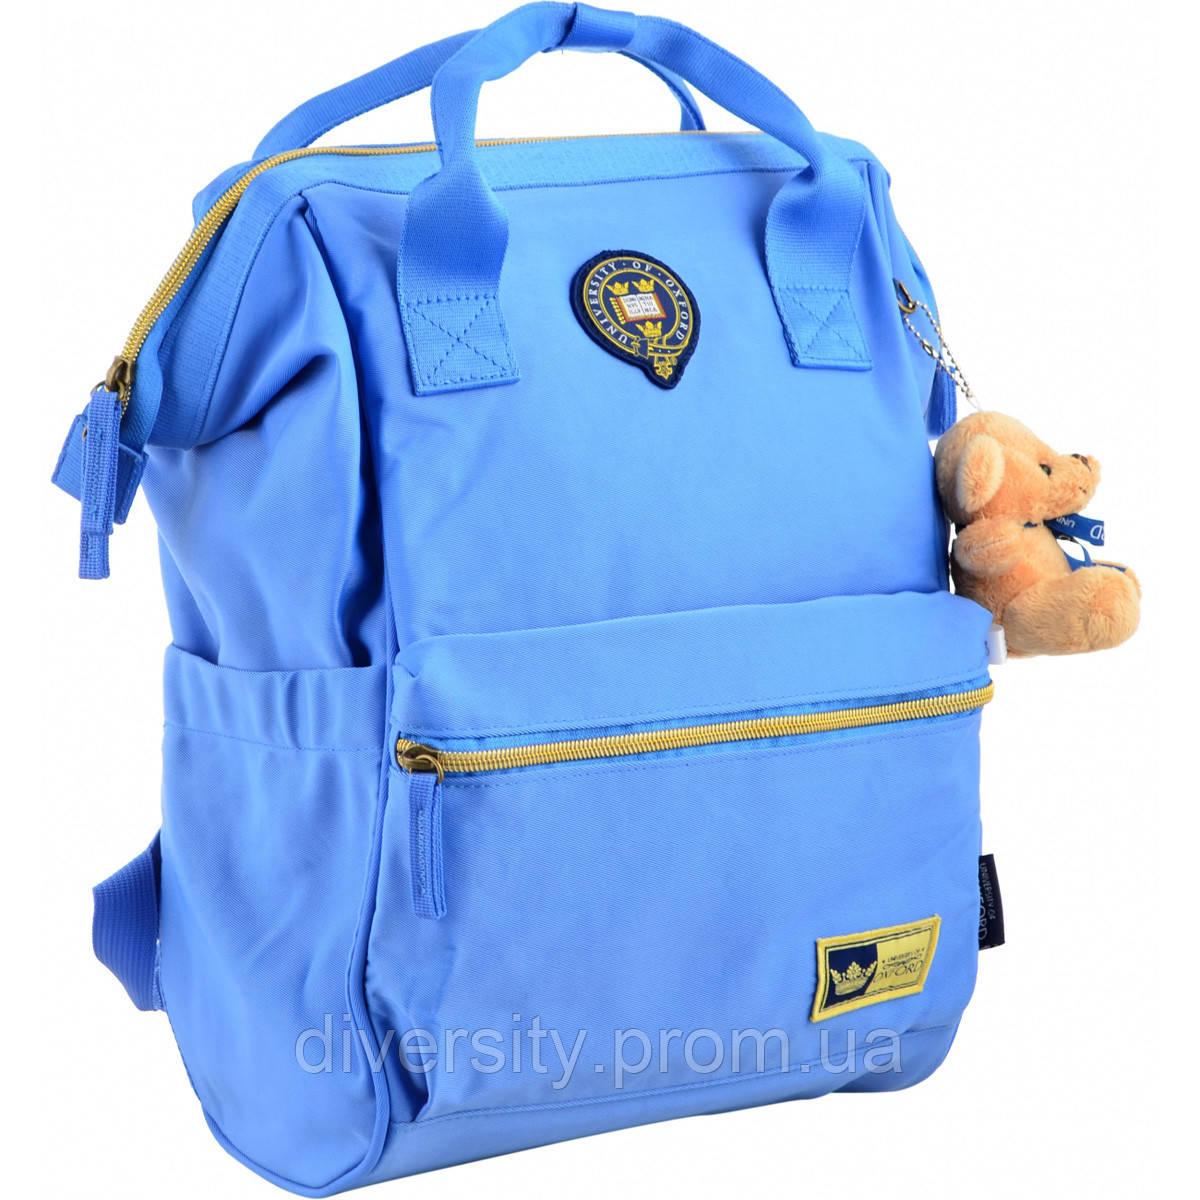 Молодежный рюкзак YES  OX 385,  голубой